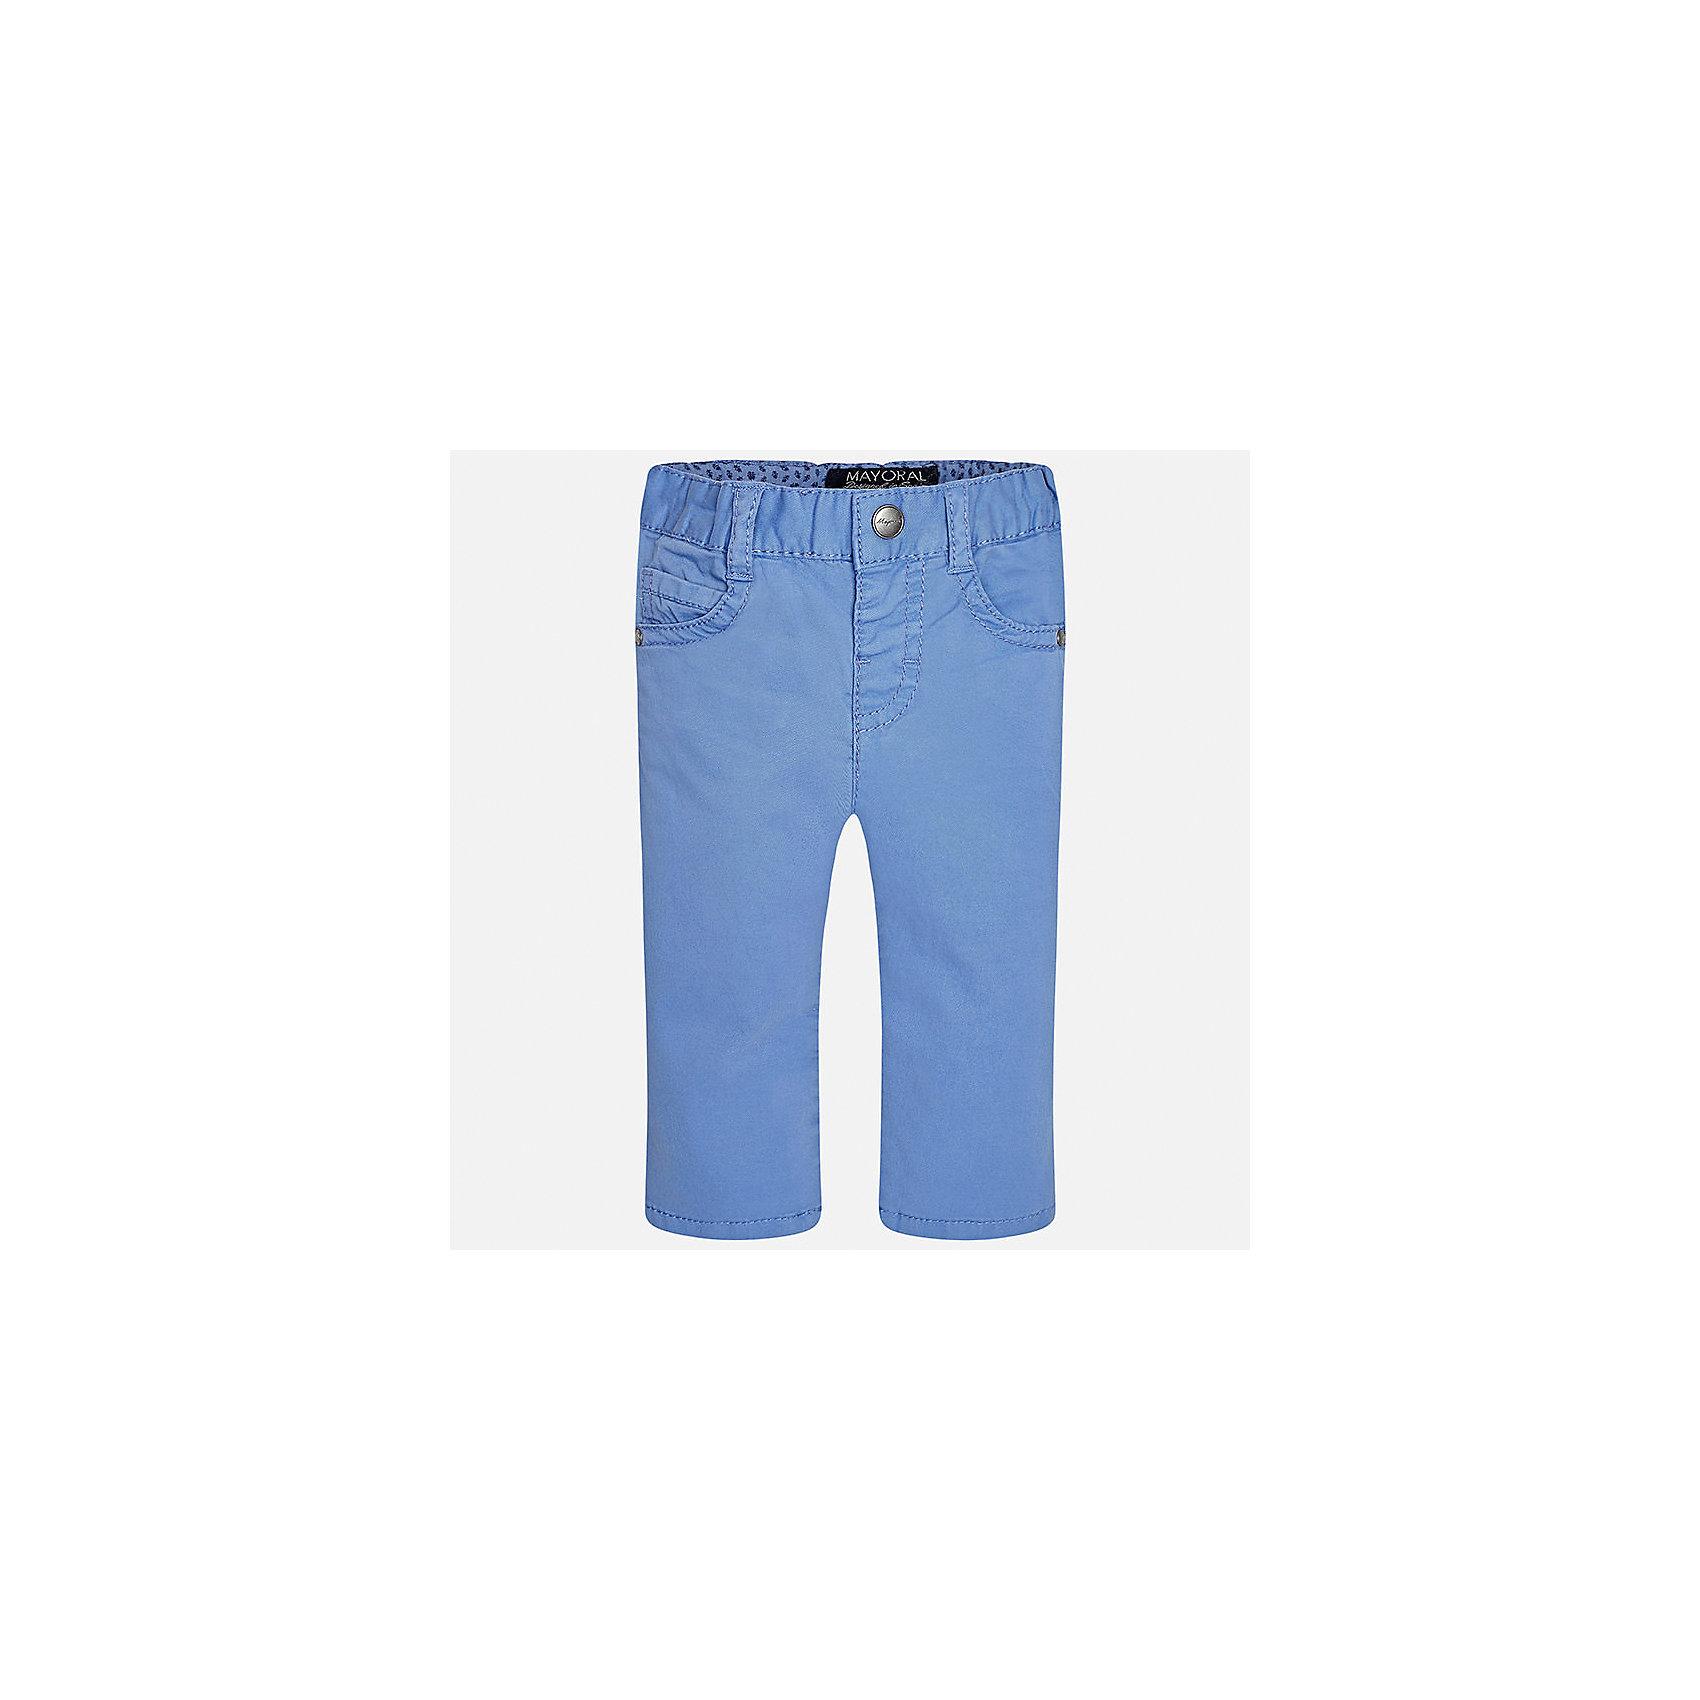 Брюки для мальчика MayoralБрюки<br>Характеристики товара:<br><br>• цвет: голубой<br>• состав: 98% хлопок, 2% эластан<br>• контрастная прострочка<br>• шлевки<br>• карманы<br>• пояс с регулировкой размера<br>• классический силуэт<br>• страна бренда: Испания<br><br>Модные брюки для мальчика смогут стать базовой вещью в гардеробе ребенка. Они отлично сочетаются с майками, футболками, рубашками и т.д. Практичное и стильное изделие! В составе материала - натуральный хлопок, гипоаллергенный, приятный на ощупь, дышащий.<br><br>Брюки для мальчика от испанского бренда Mayoral (Майорал) можно купить в нашем интернет-магазине.<br><br>Ширина мм: 215<br>Глубина мм: 88<br>Высота мм: 191<br>Вес г: 336<br>Цвет: белый<br>Возраст от месяцев: 12<br>Возраст до месяцев: 18<br>Пол: Мужской<br>Возраст: Детский<br>Размер: 86,80,92<br>SKU: 5278021